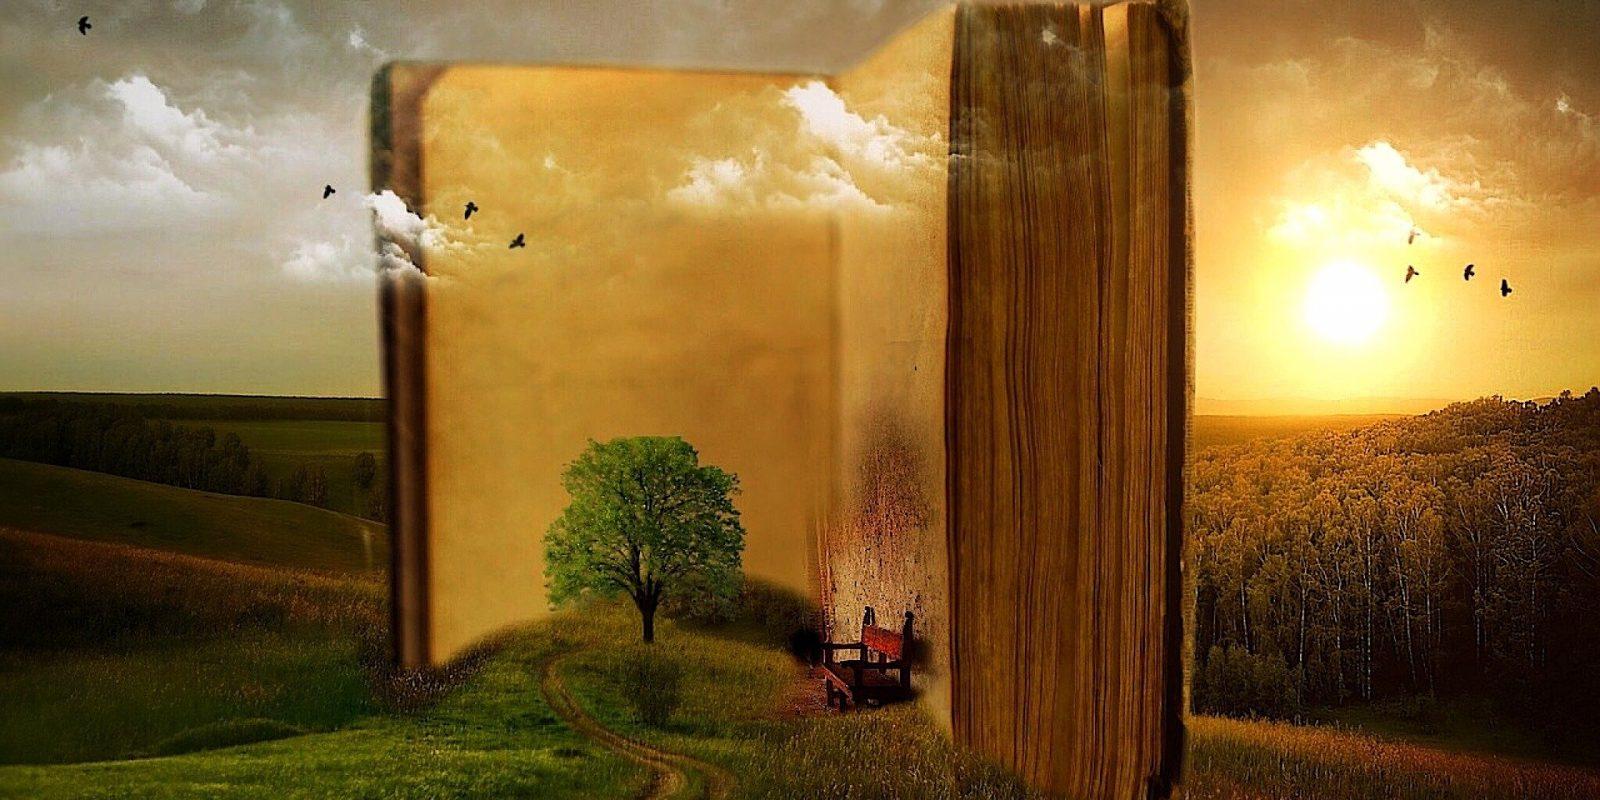 book-863418_1920 - Mystic Art Design de Pixabay